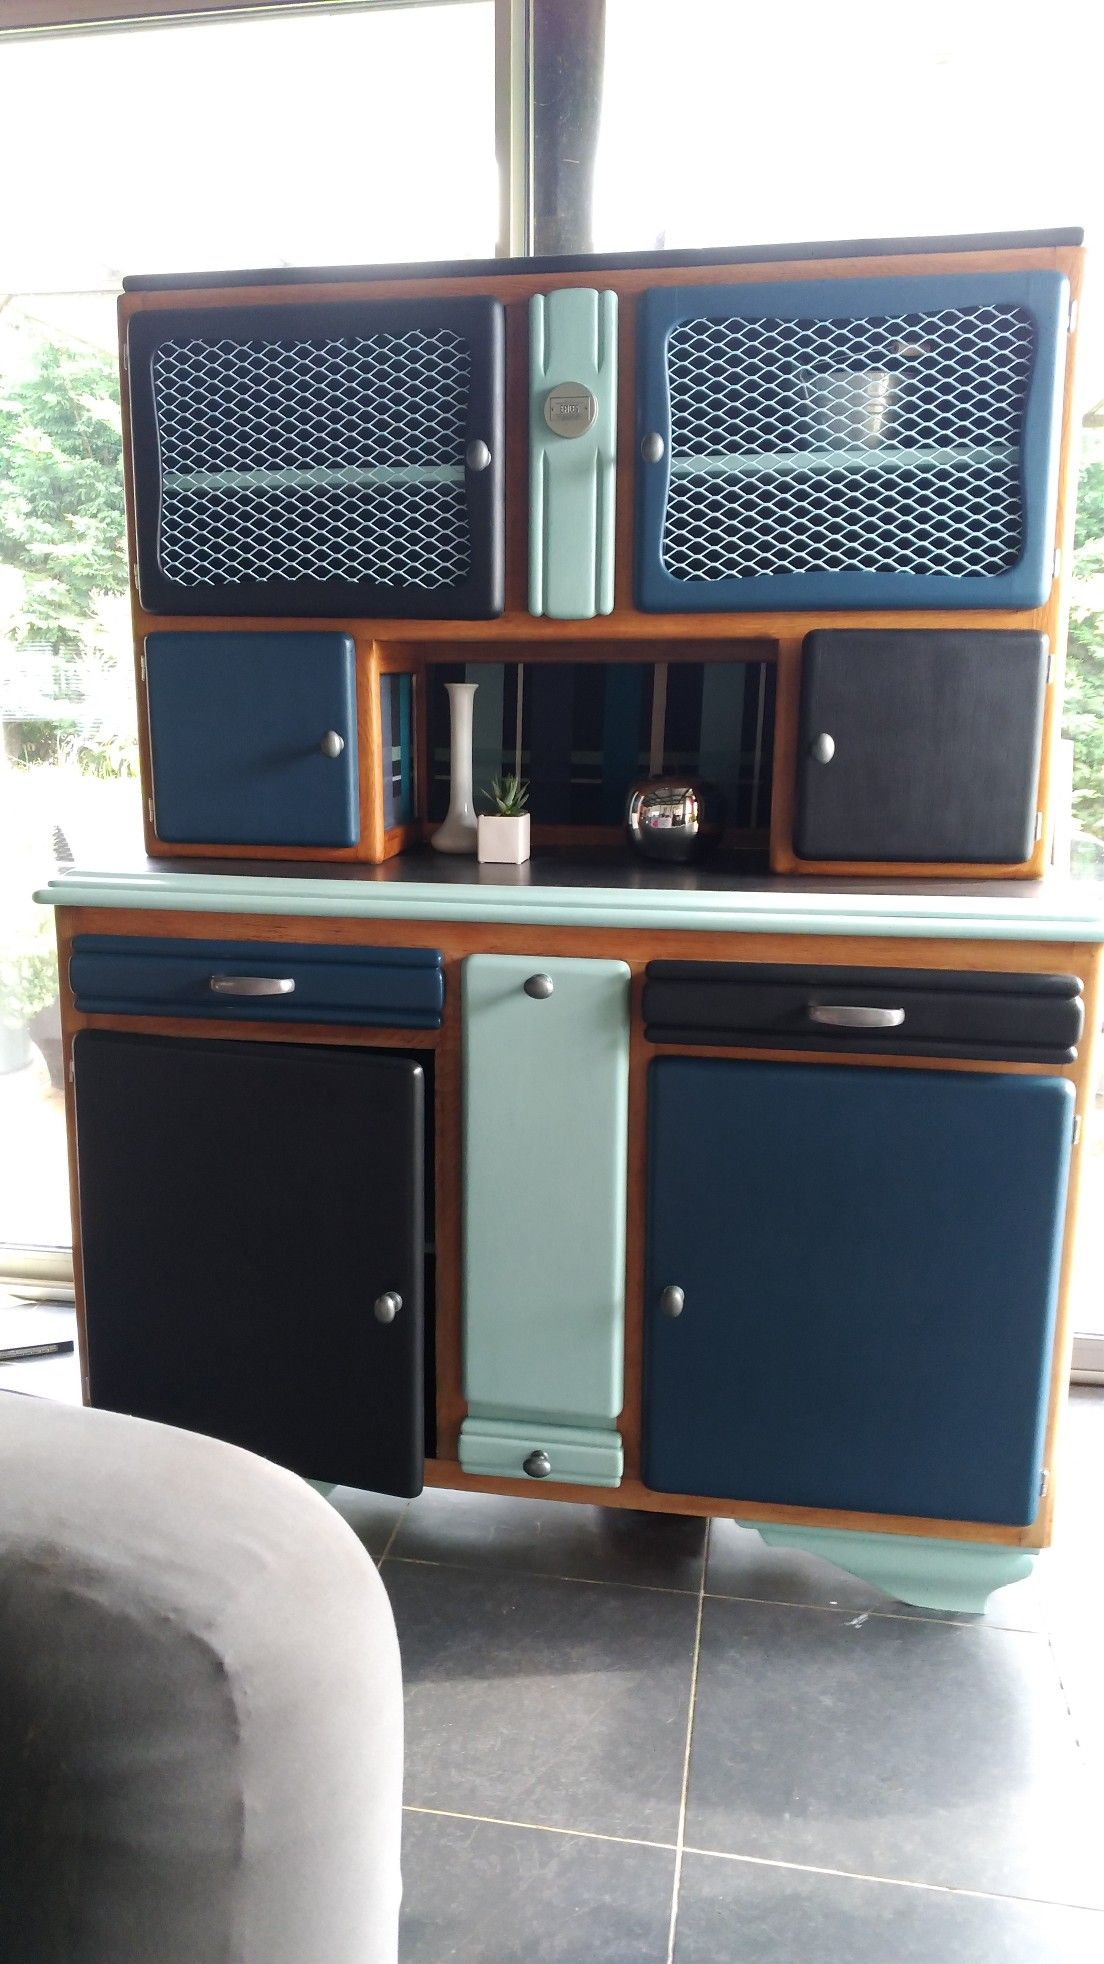 Furniture Meubles Cuisine Küchenanrichte   Möbel Ebay Küchen Neu